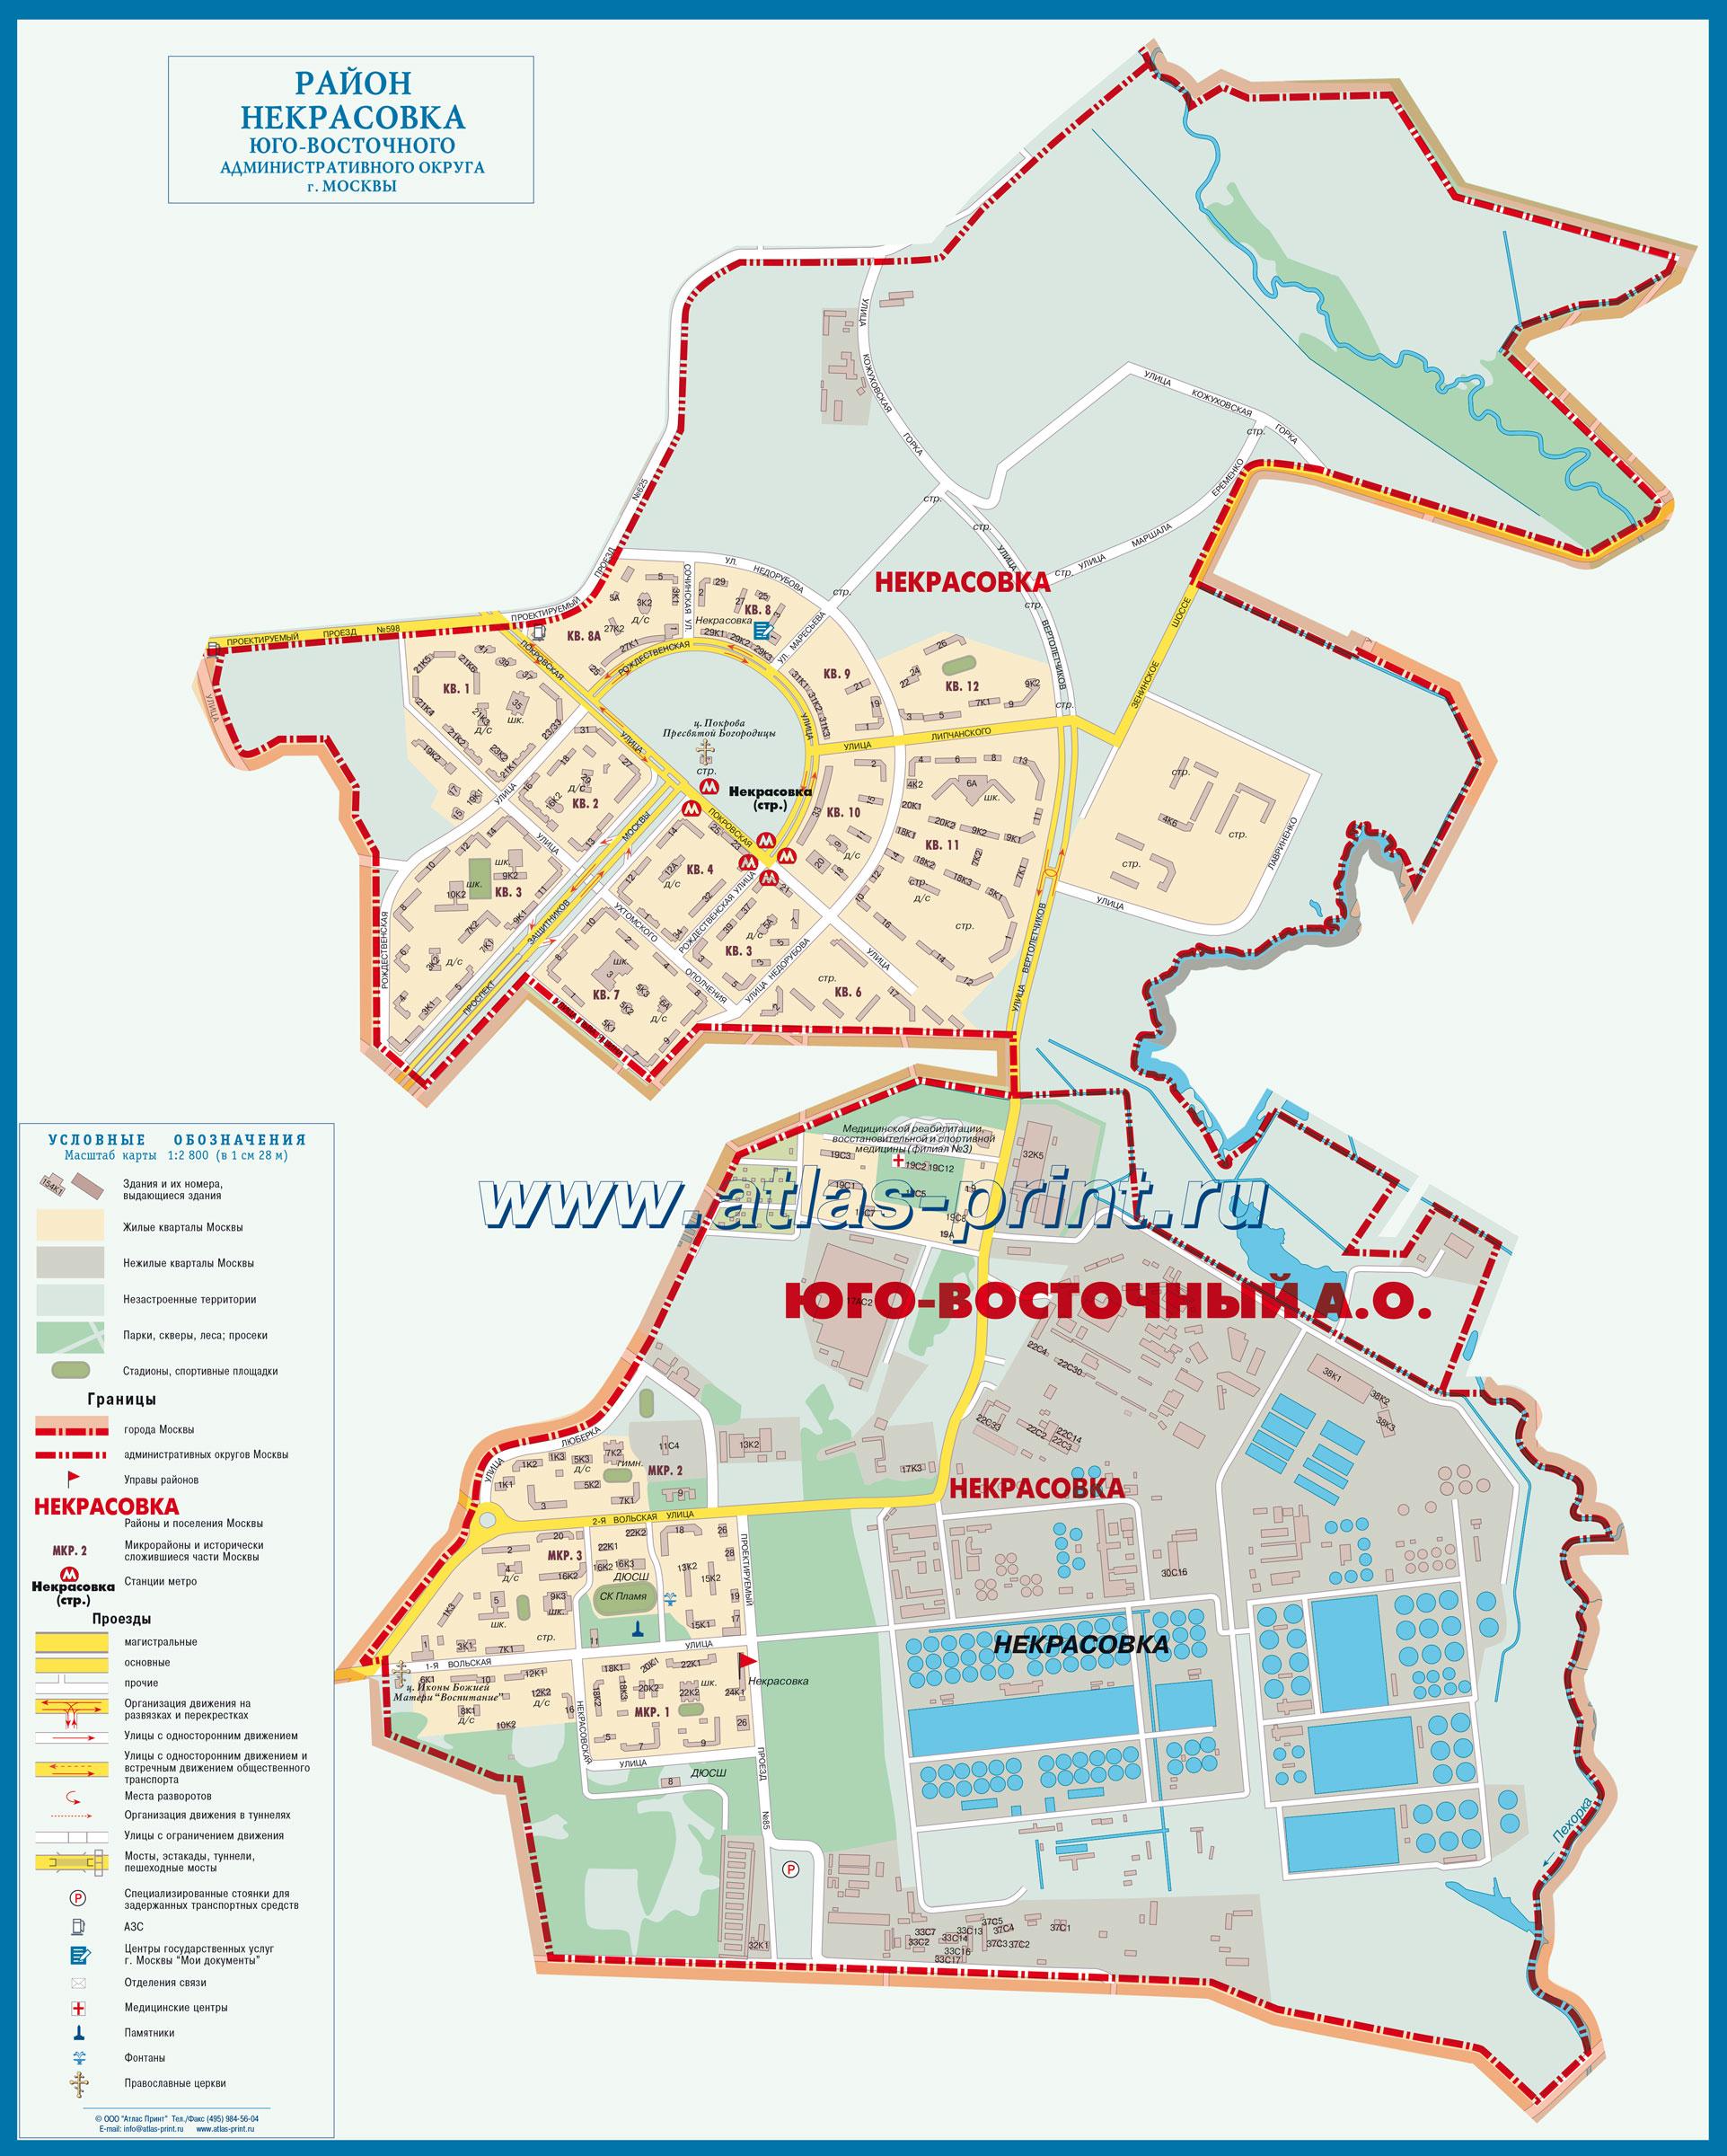 Настенная карта района НЕКРАСОВКА (ЮВАО)  г. Москвы 0,80*1,00 м, ламинированная